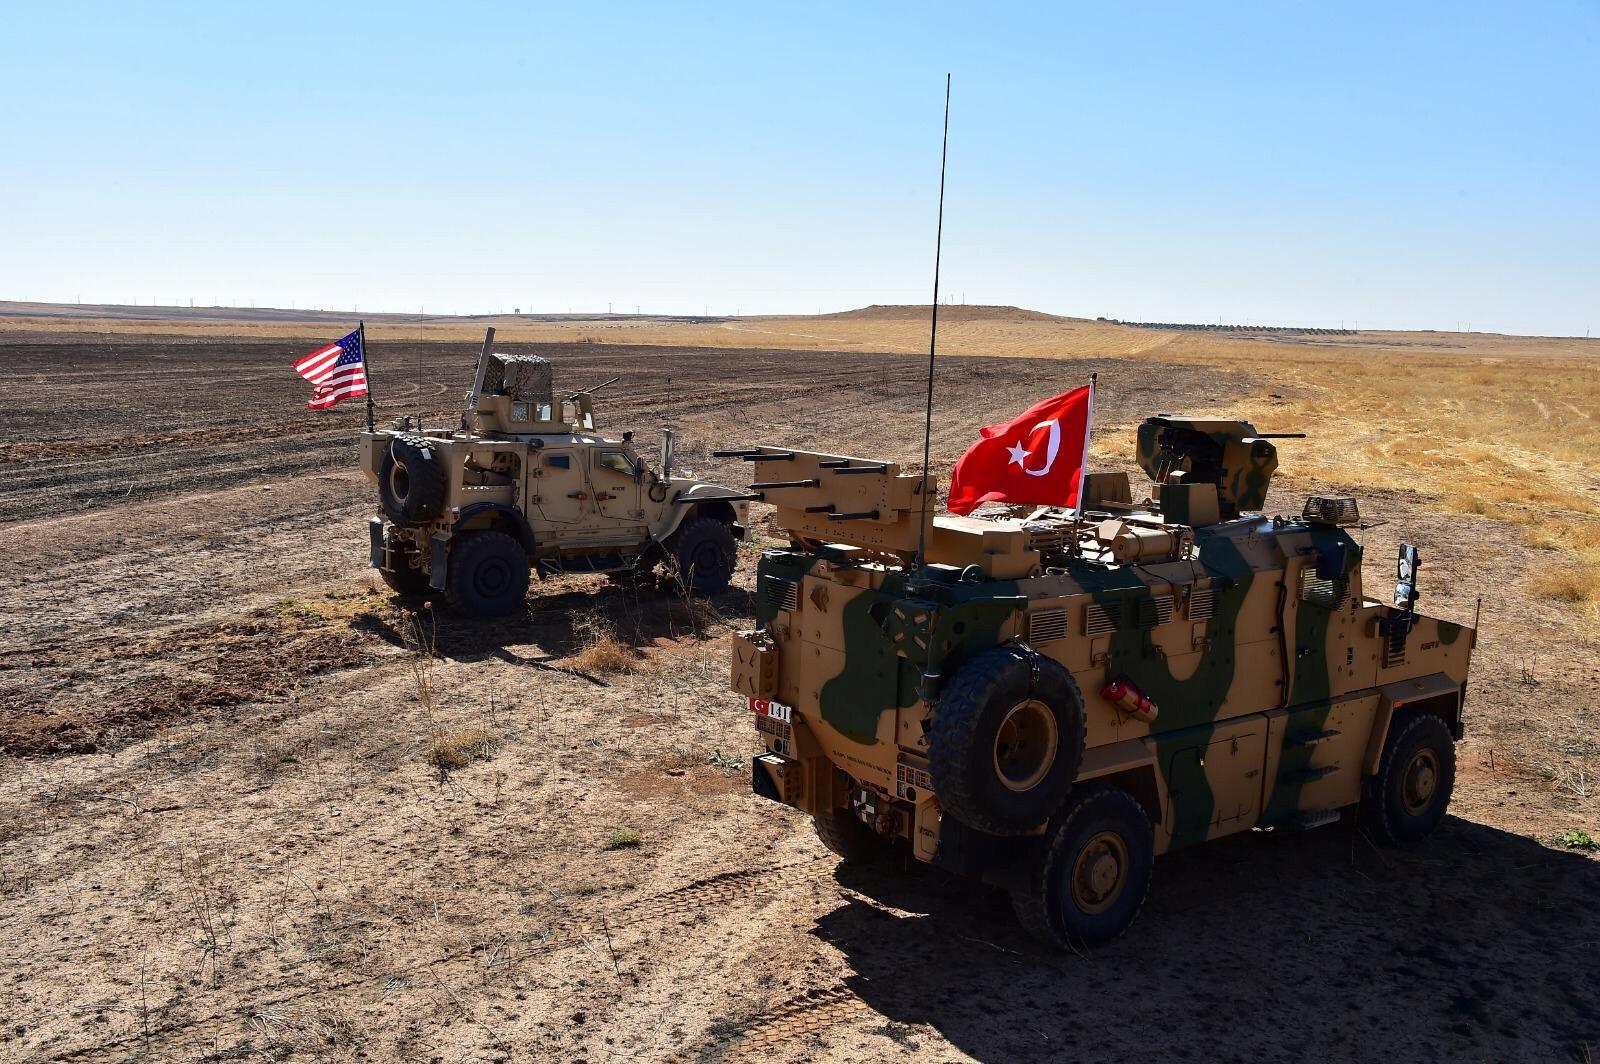 الدفاع التركية تعلن السيطرة على أهداف محددة شمال شرق سوريا